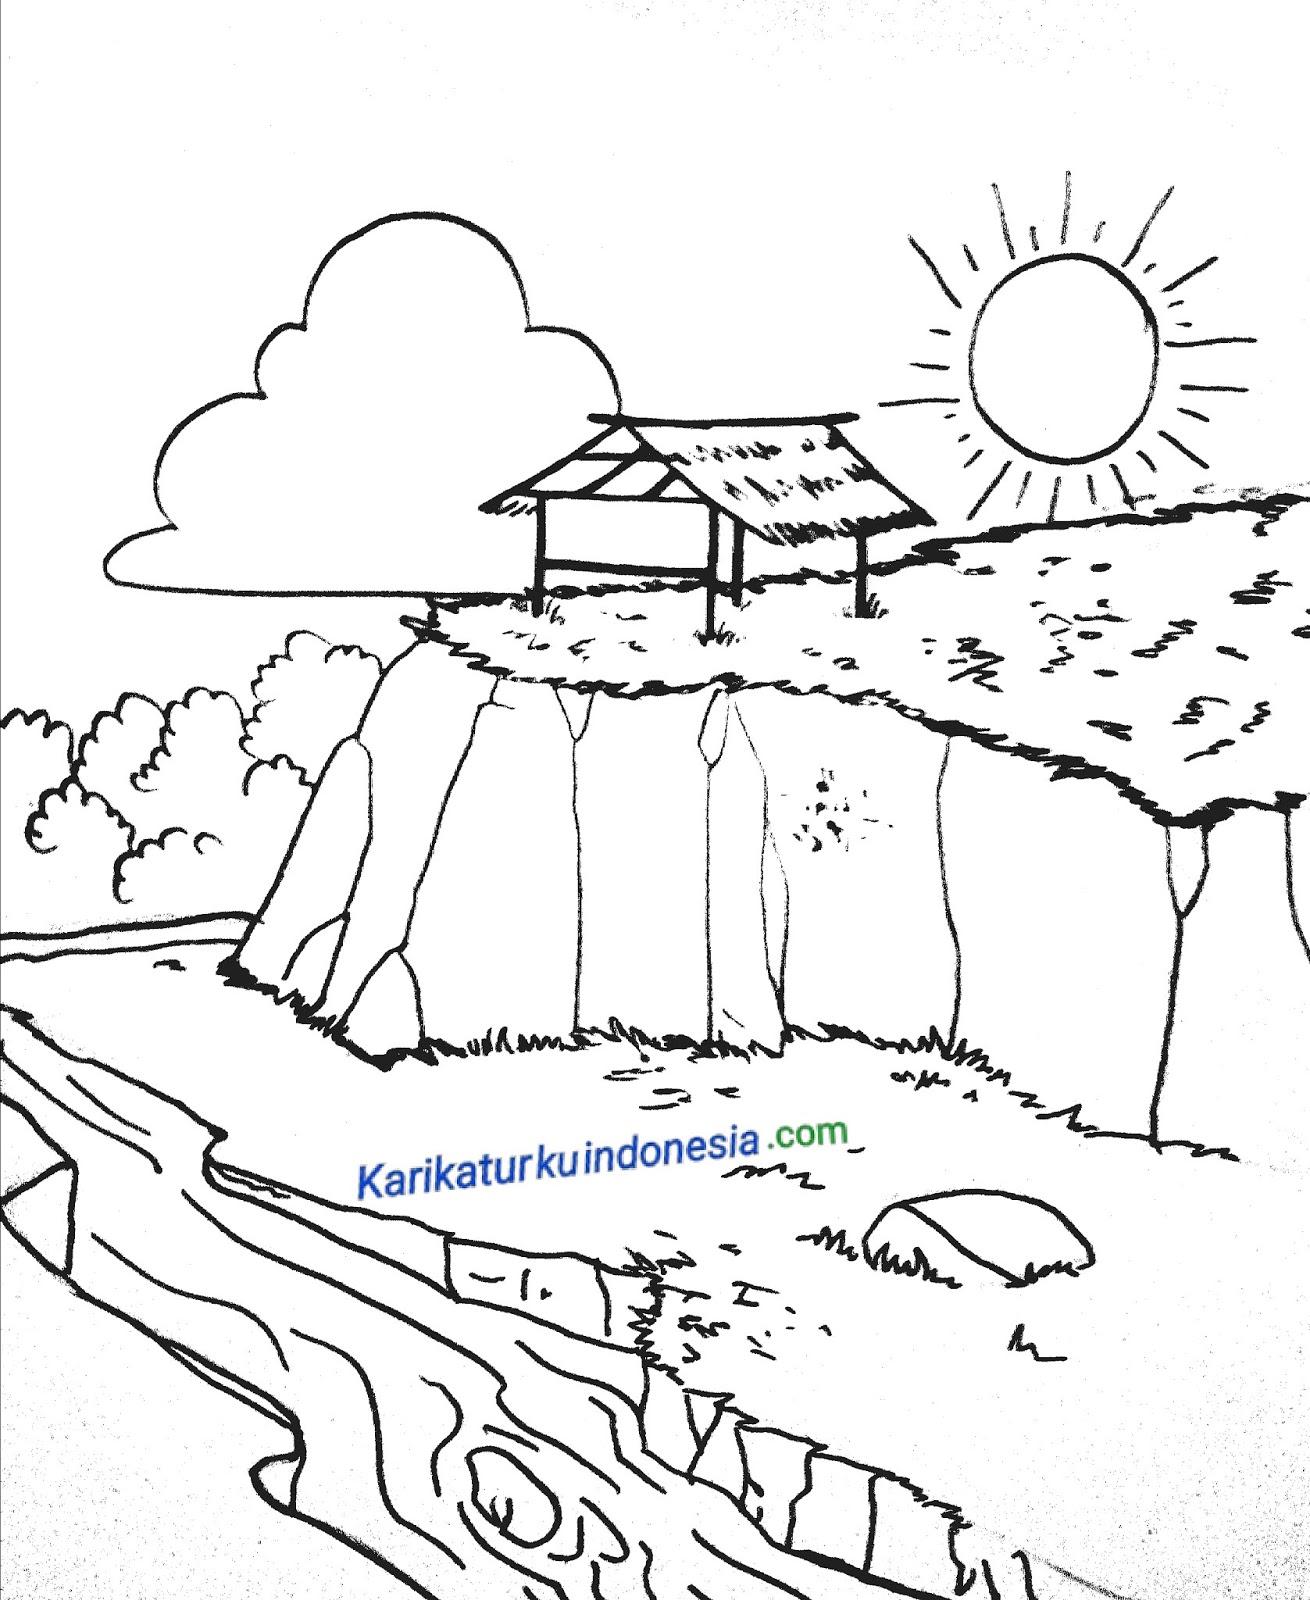 Karikaturku Indonesia Menggambar Pemandangan Pegunungan